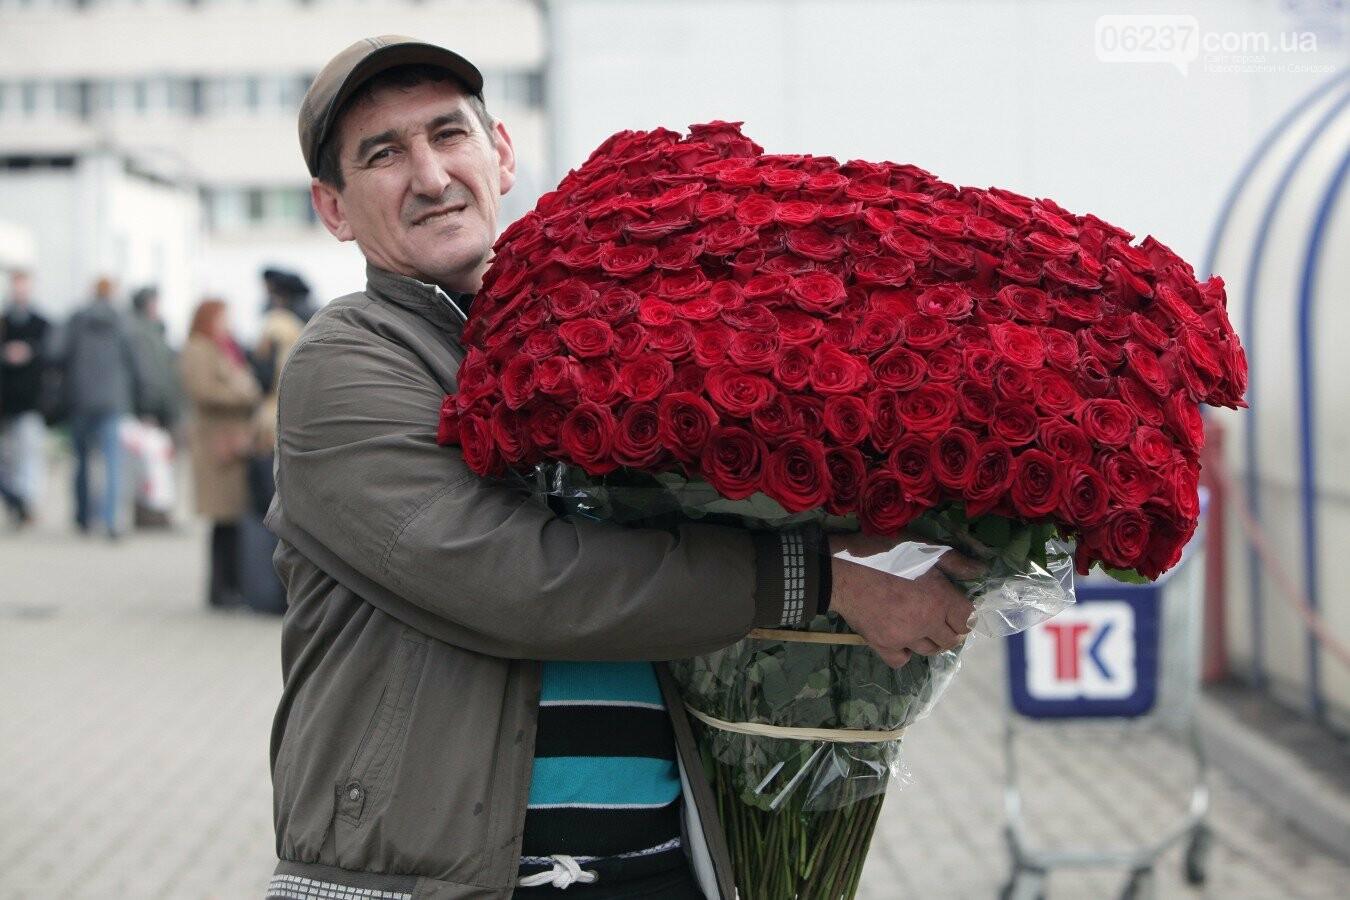 Криминальная романтика: в неподконтрольном Луганске мужчина отобрал у продавца полсотни роз, фото-1